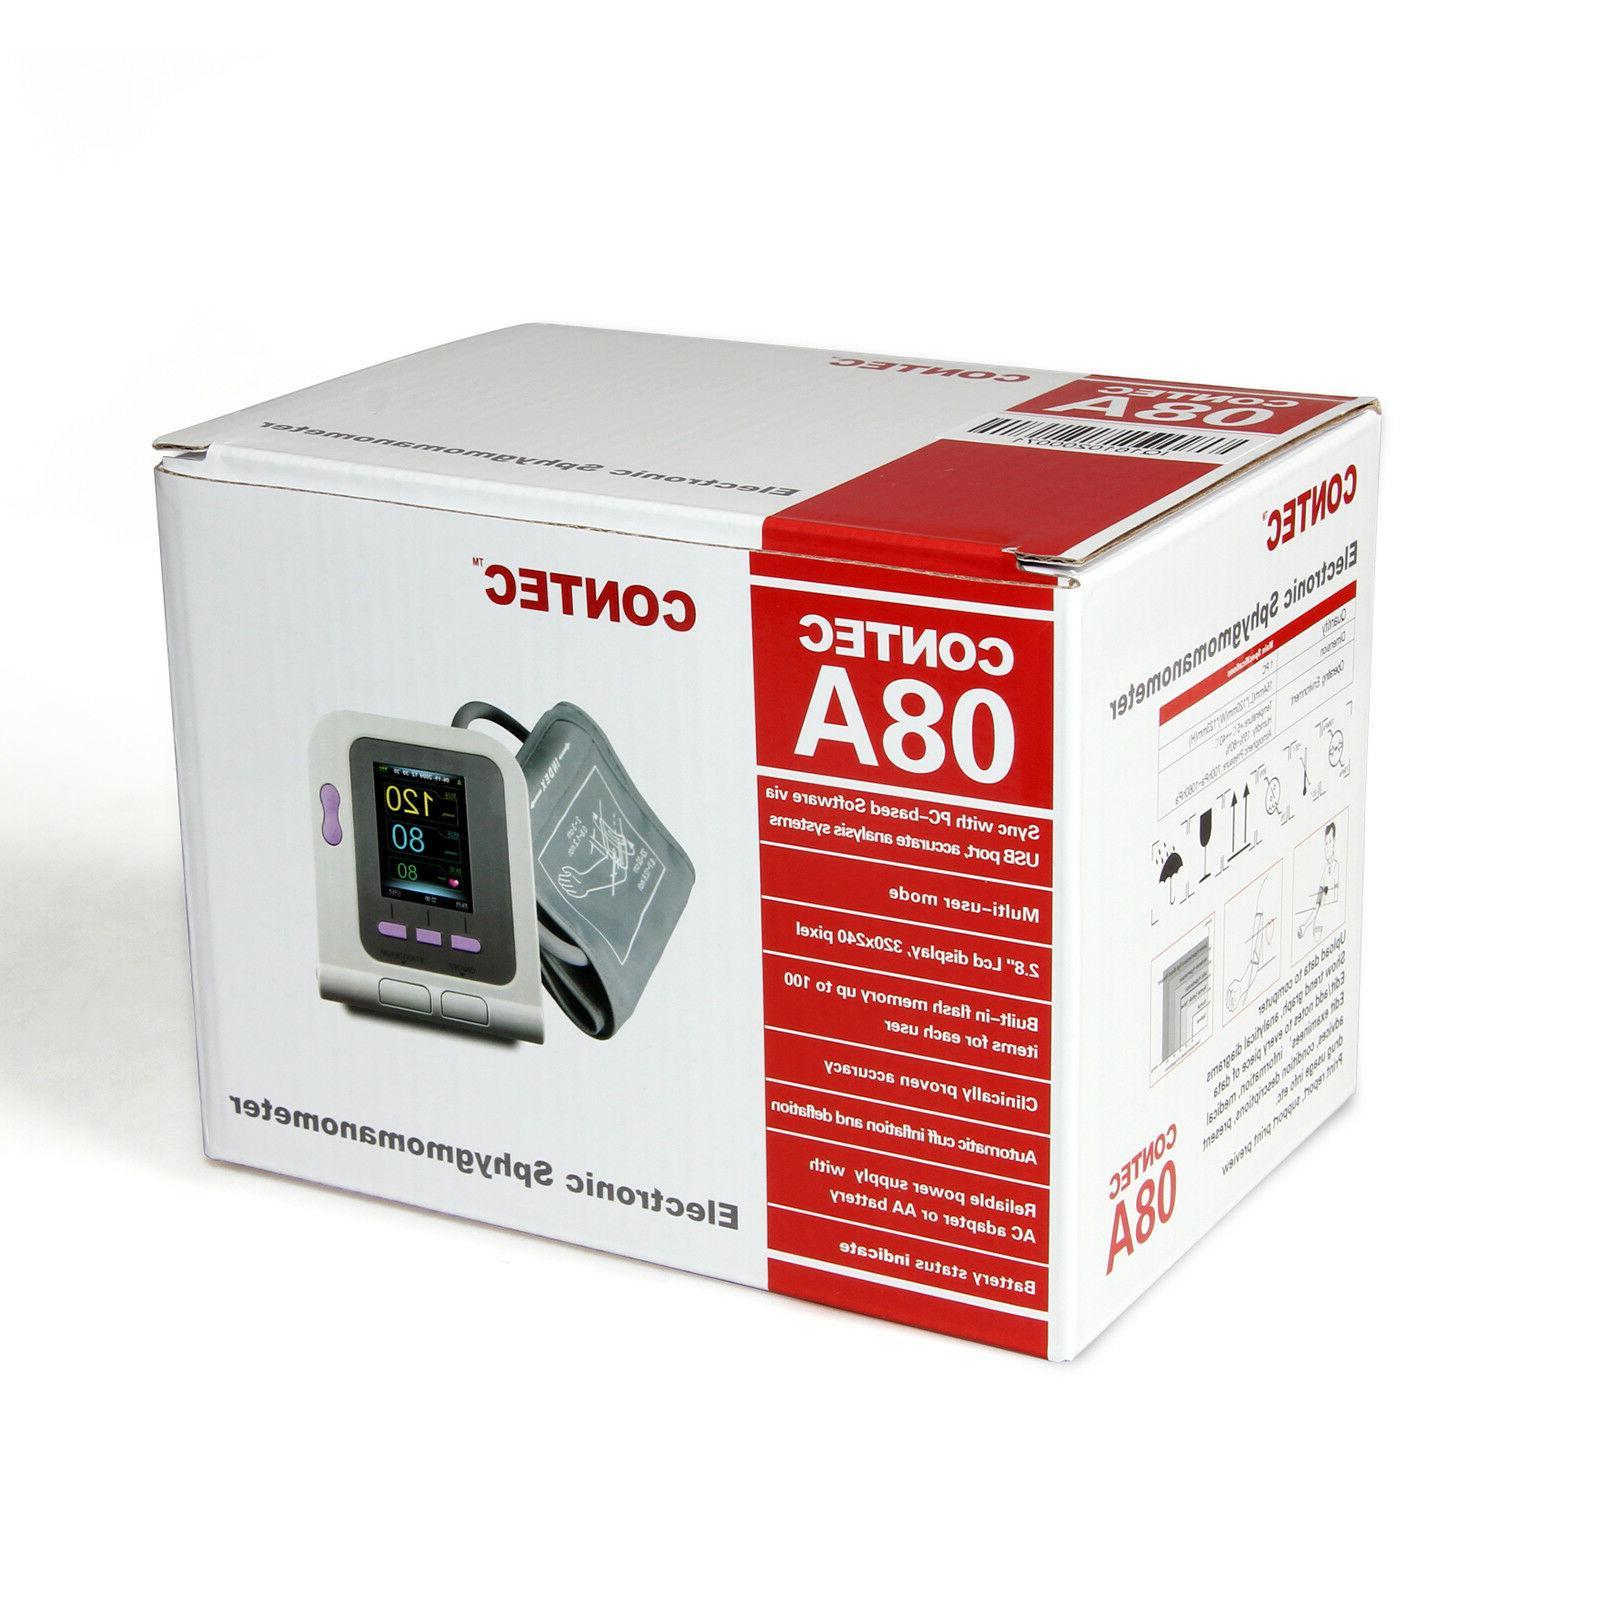 CONTEC-08A Digital Pressure Monitor Upper Arm Cuffs+SW Adult/Pediatric